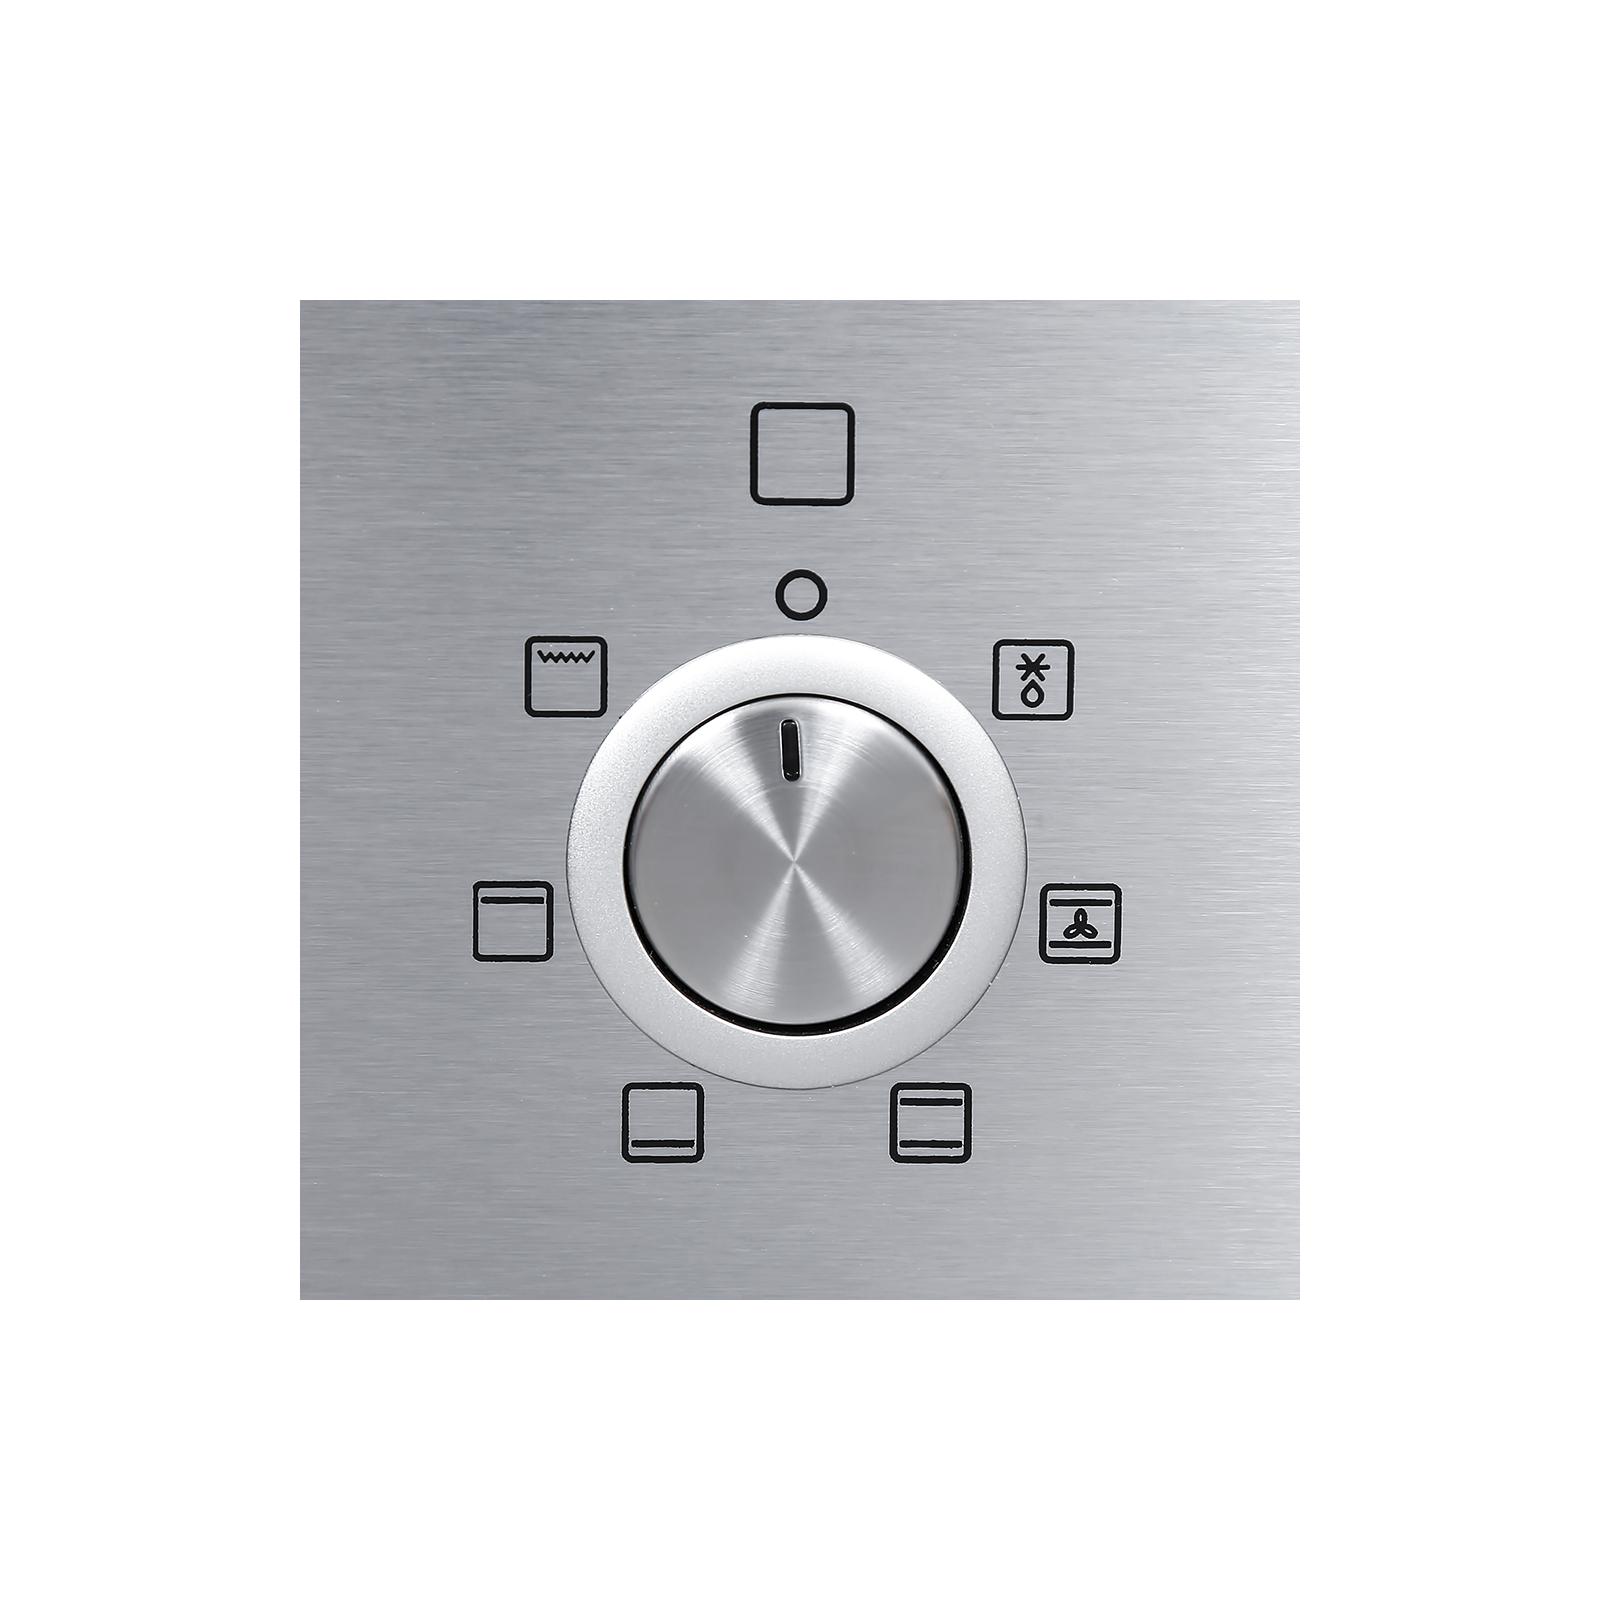 Духовой шкаф PERFELLI BOE 661 I изображение 6